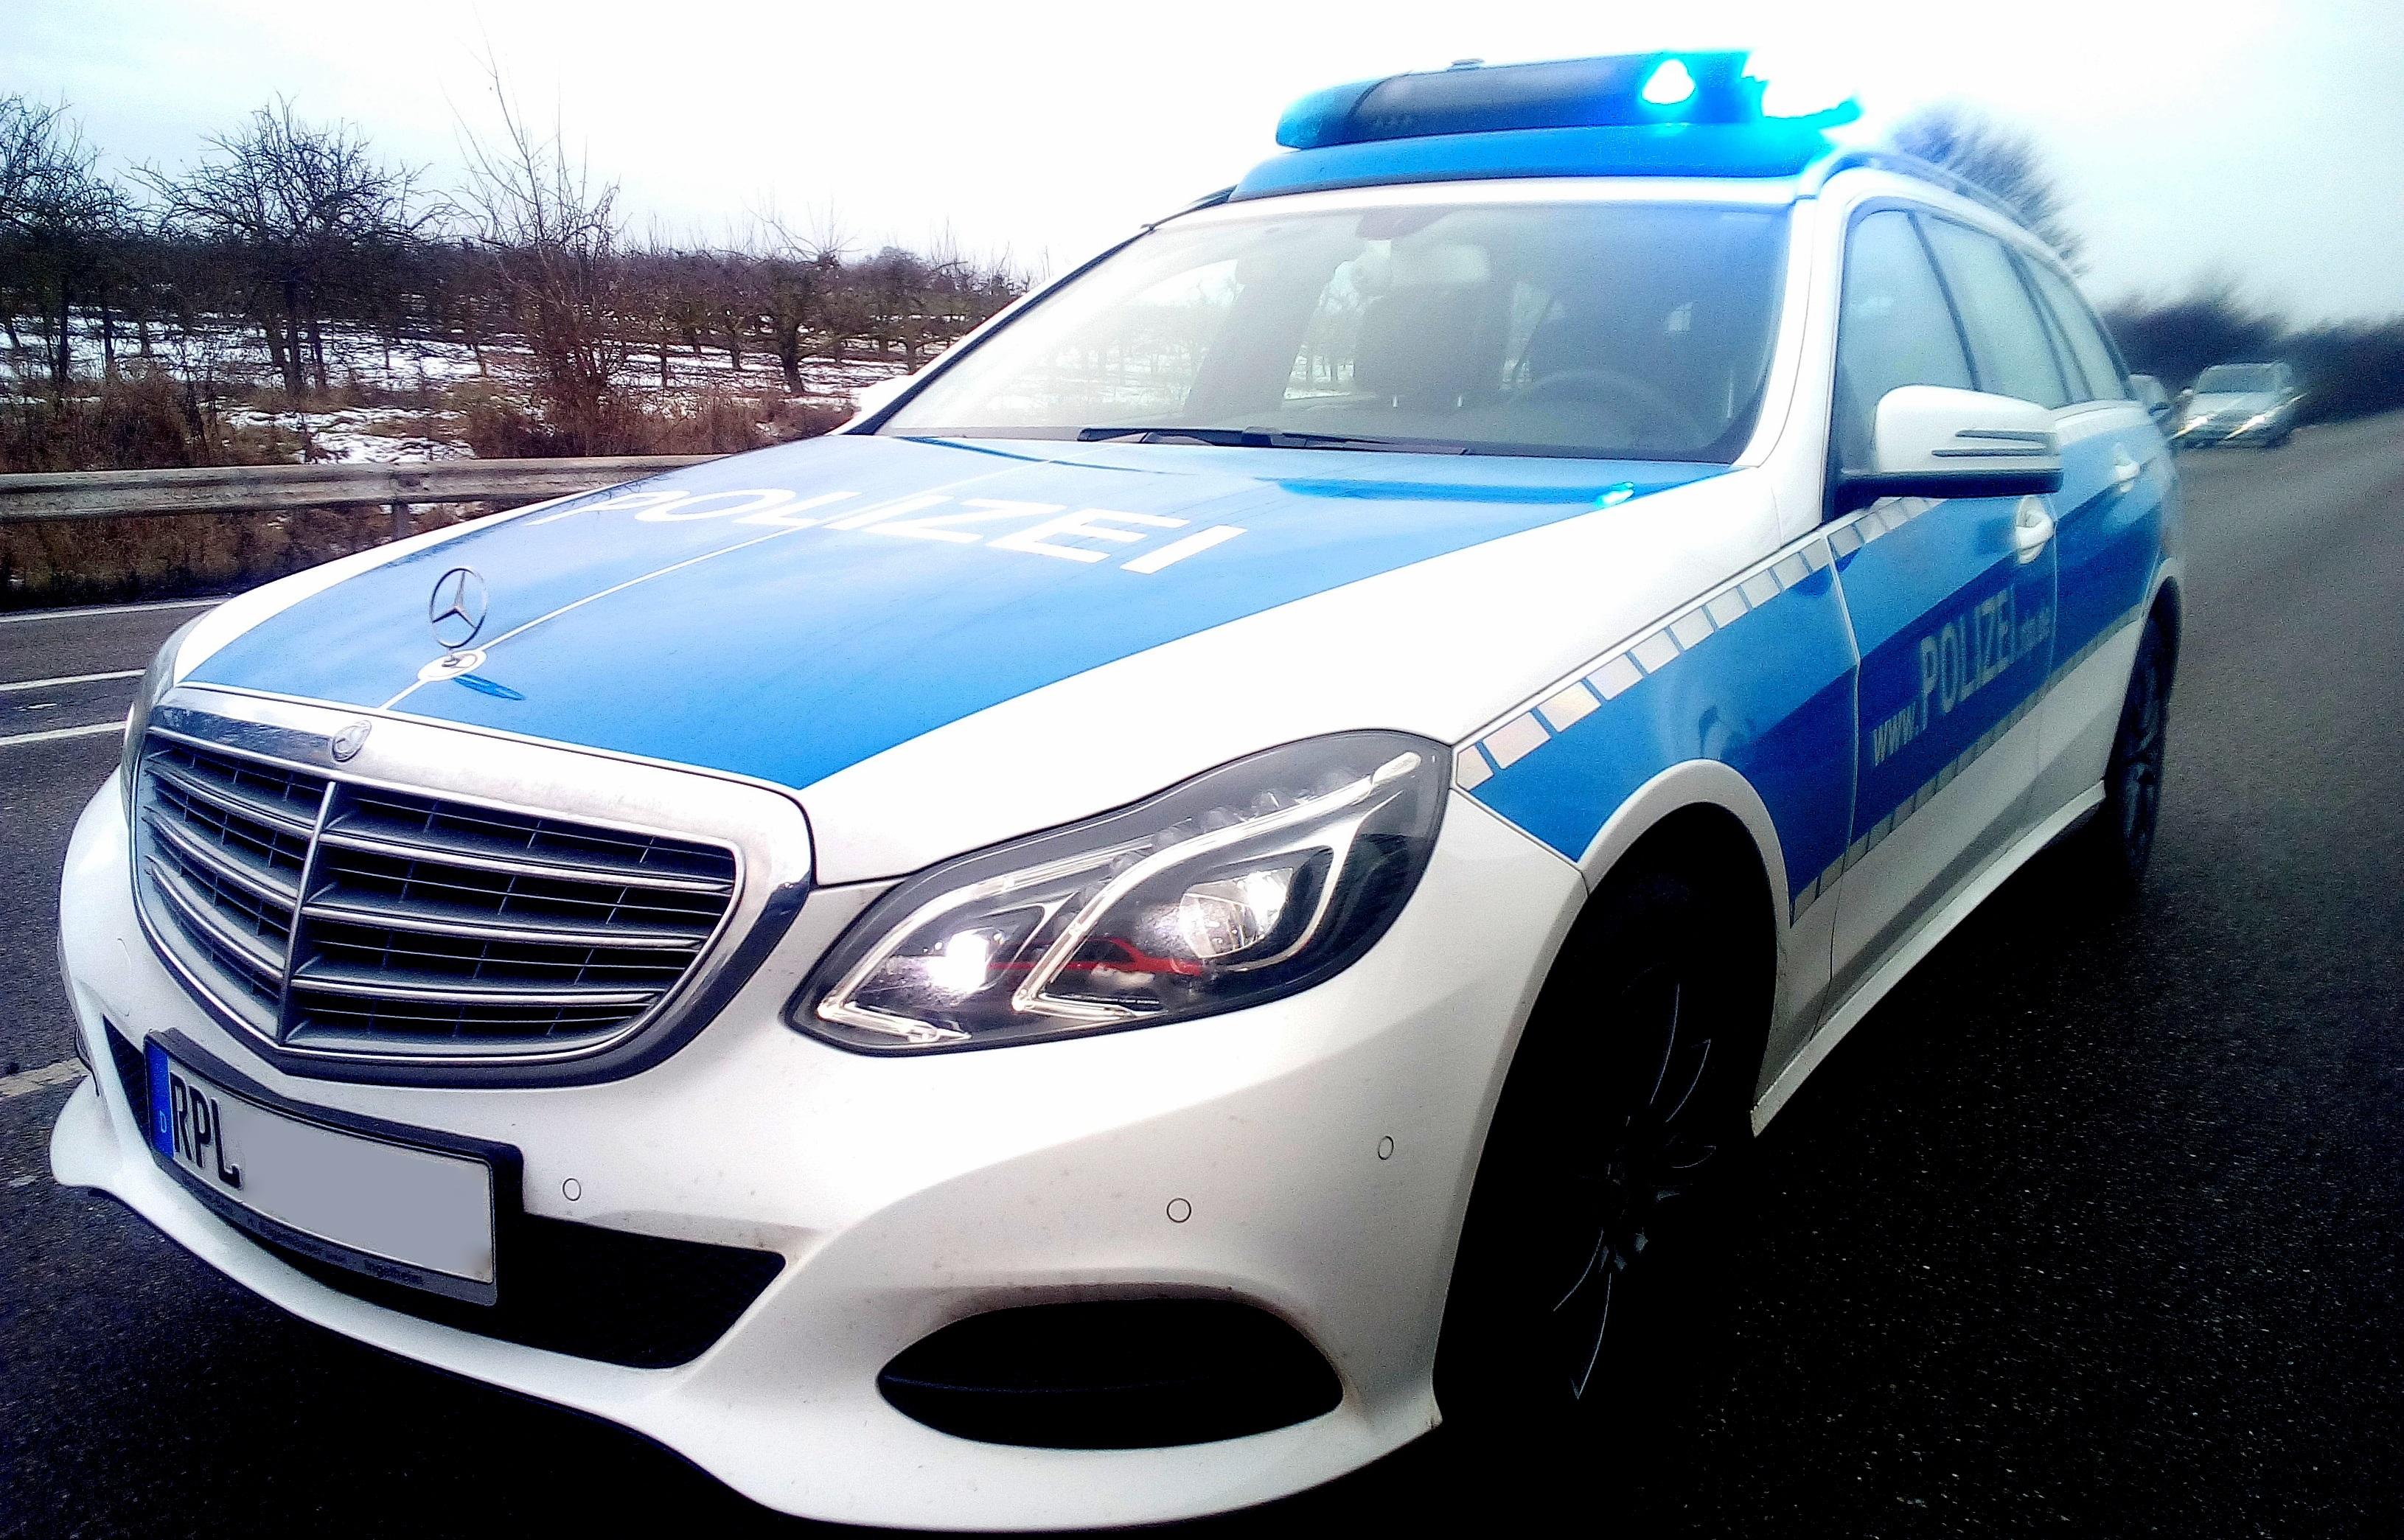 72-Jähriger kommt in falscher Bundeswehruniform zu Prozess um Urkundenfälschung